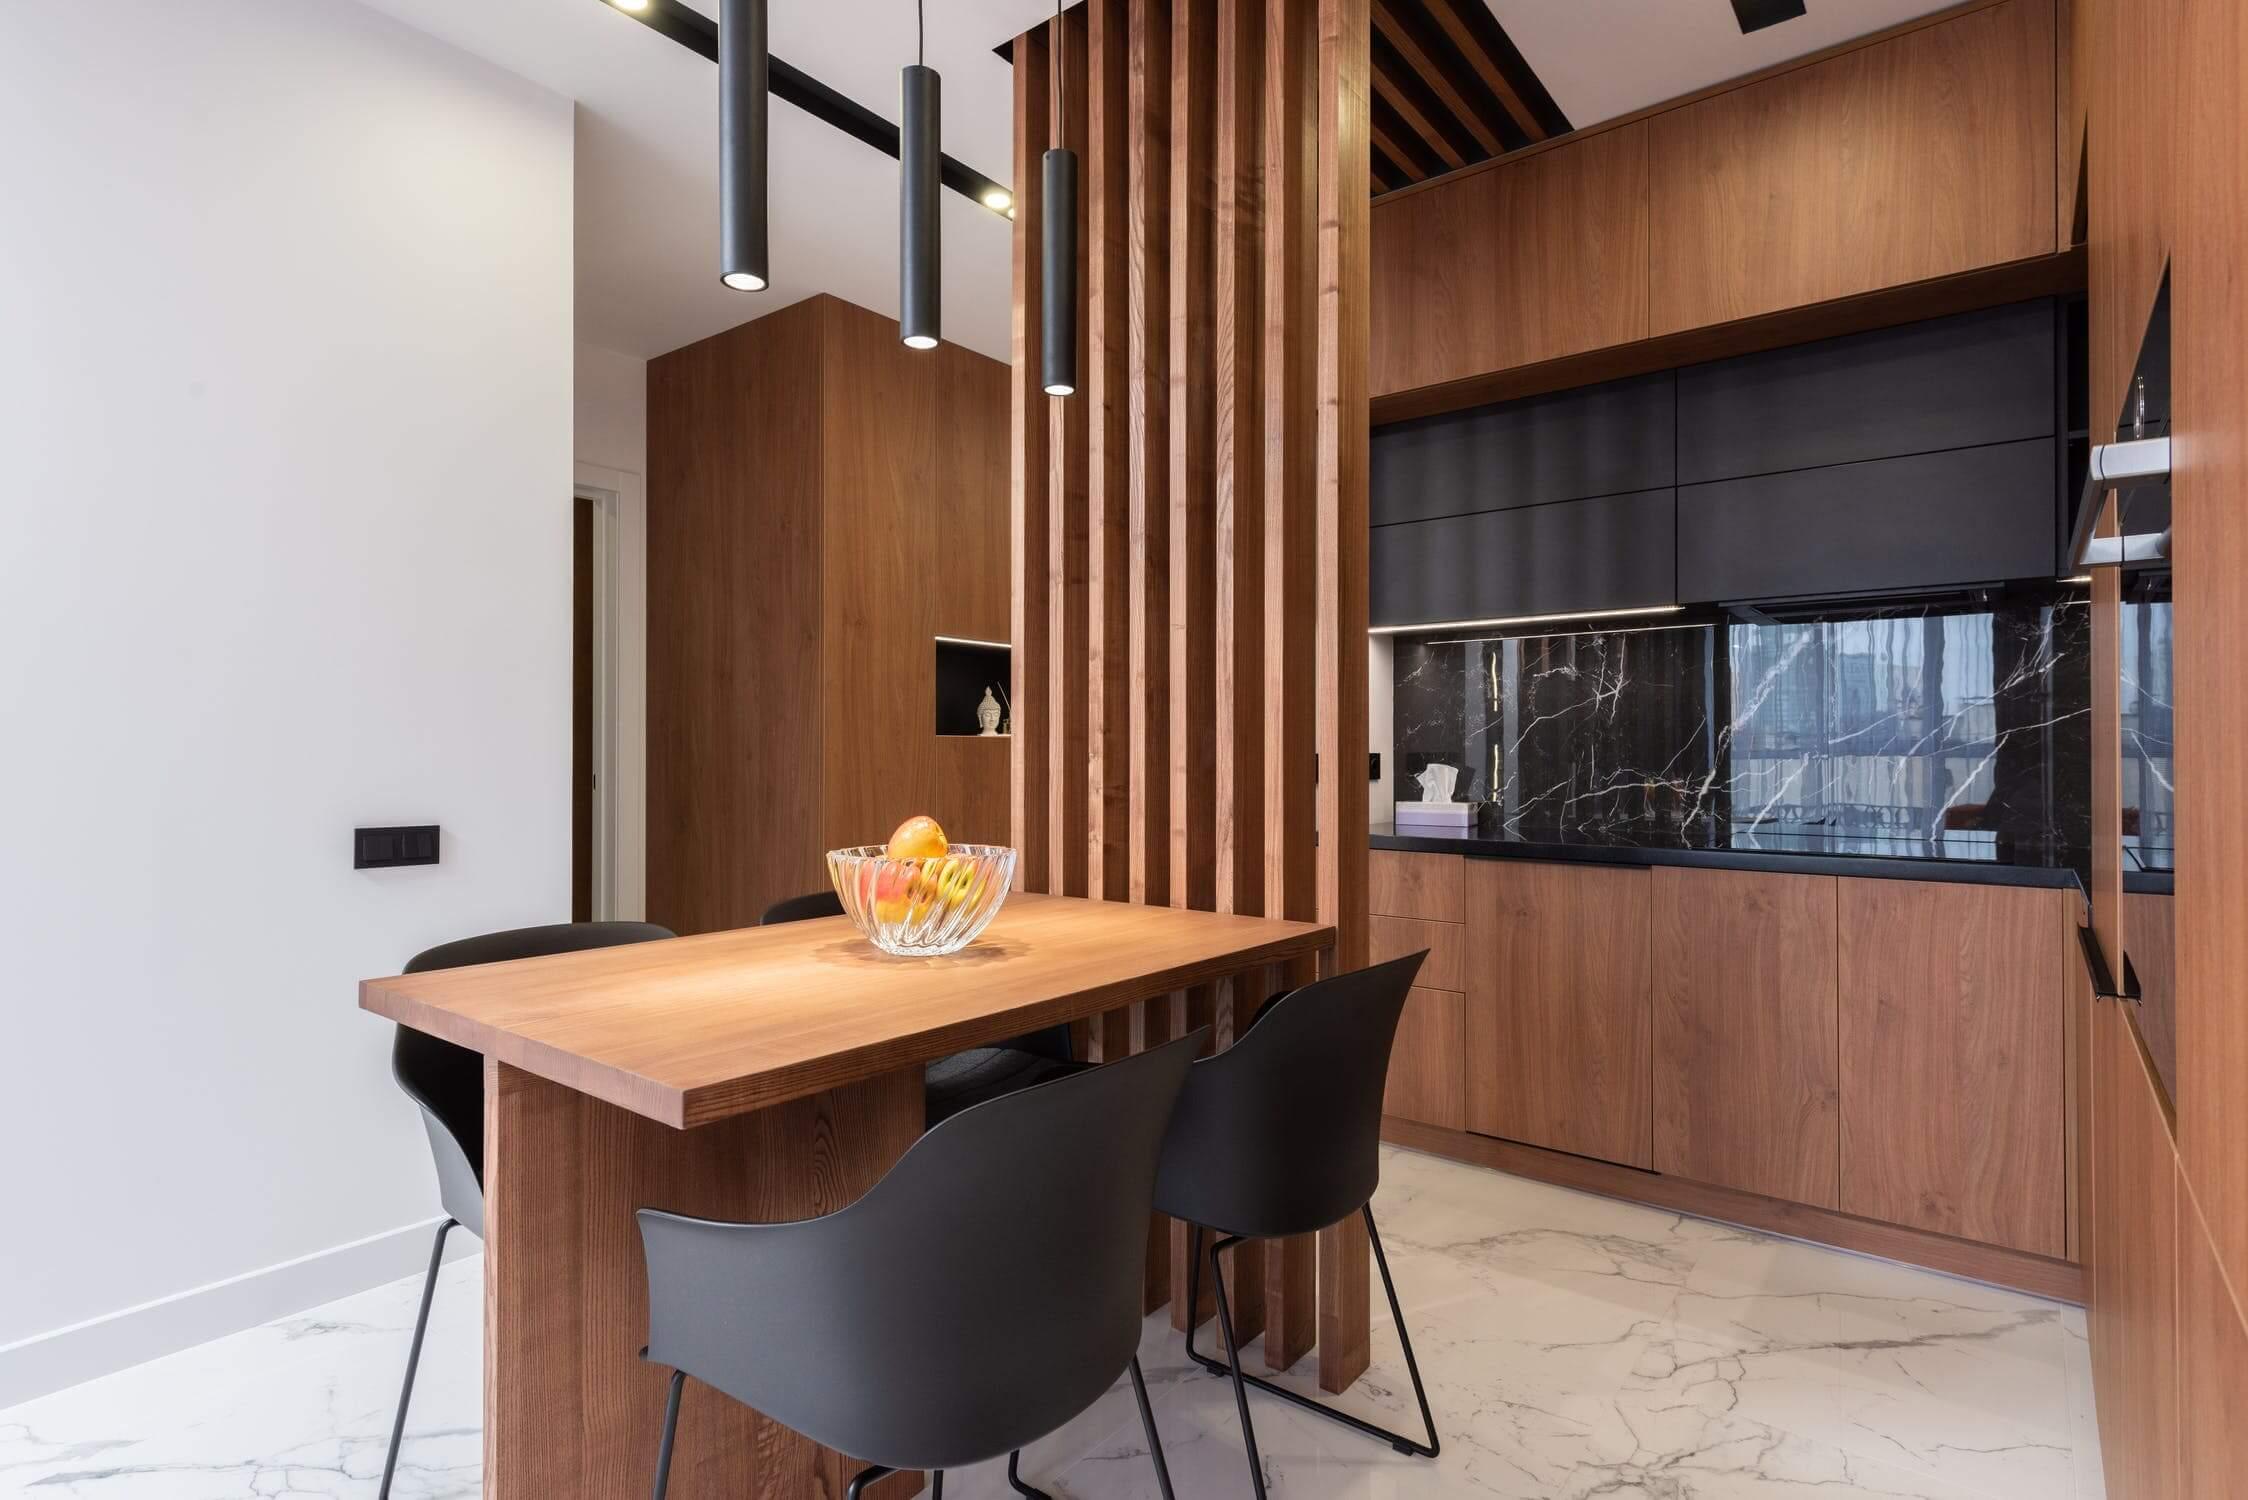 houten keuken modern